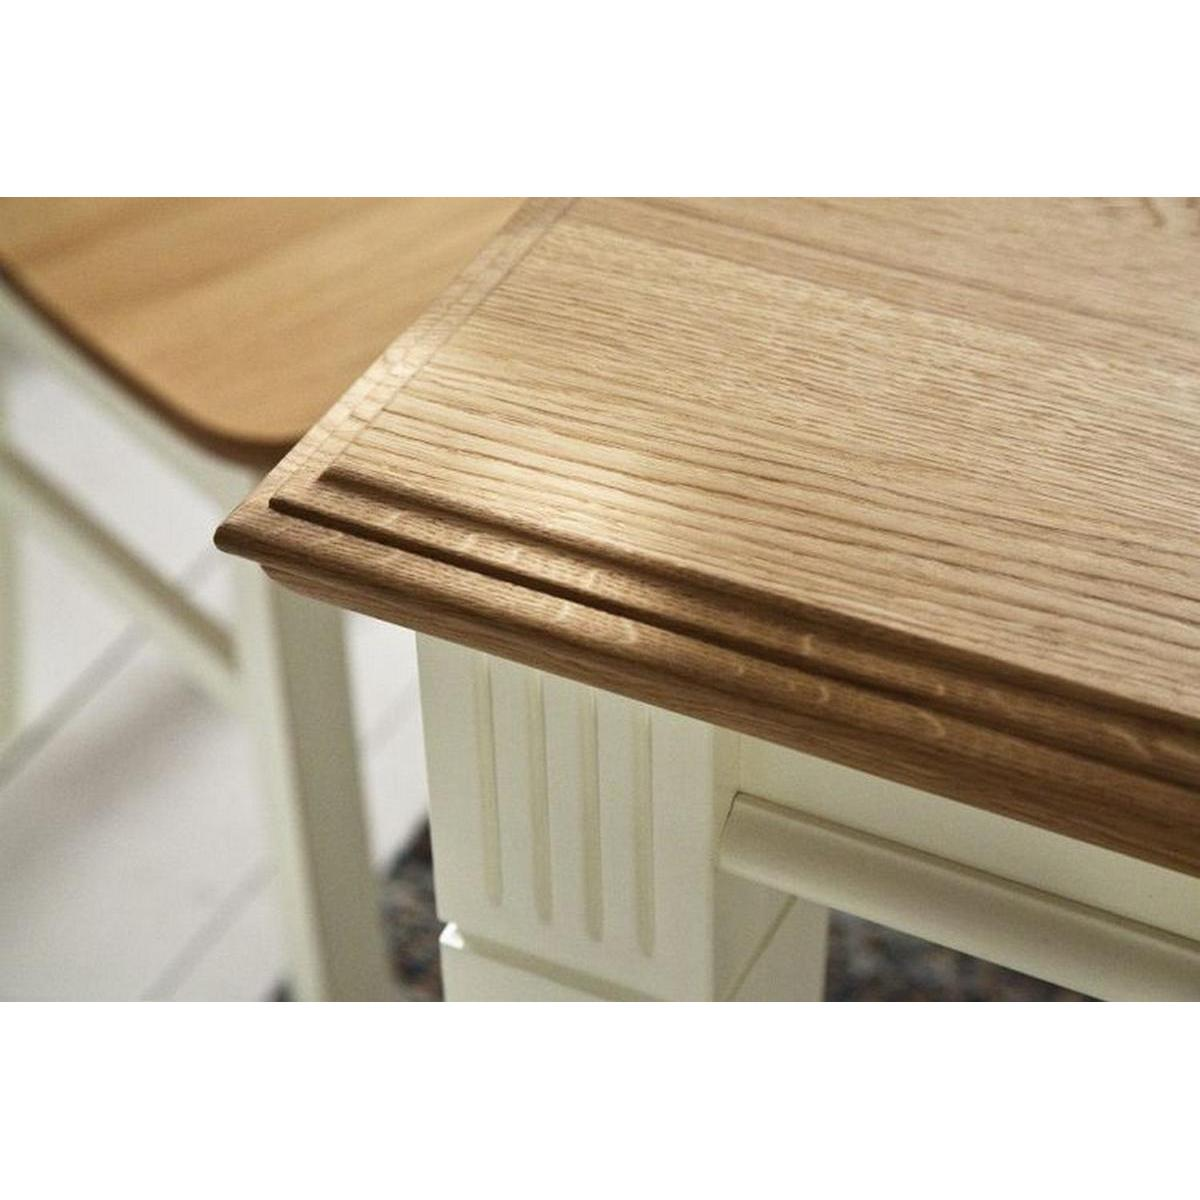 Couchtisch Holz HOhenverstellbar Ausziehbar ~ Wohnzimmer Tische Couchtische Massivholz Couchtisch 130×75 Holz